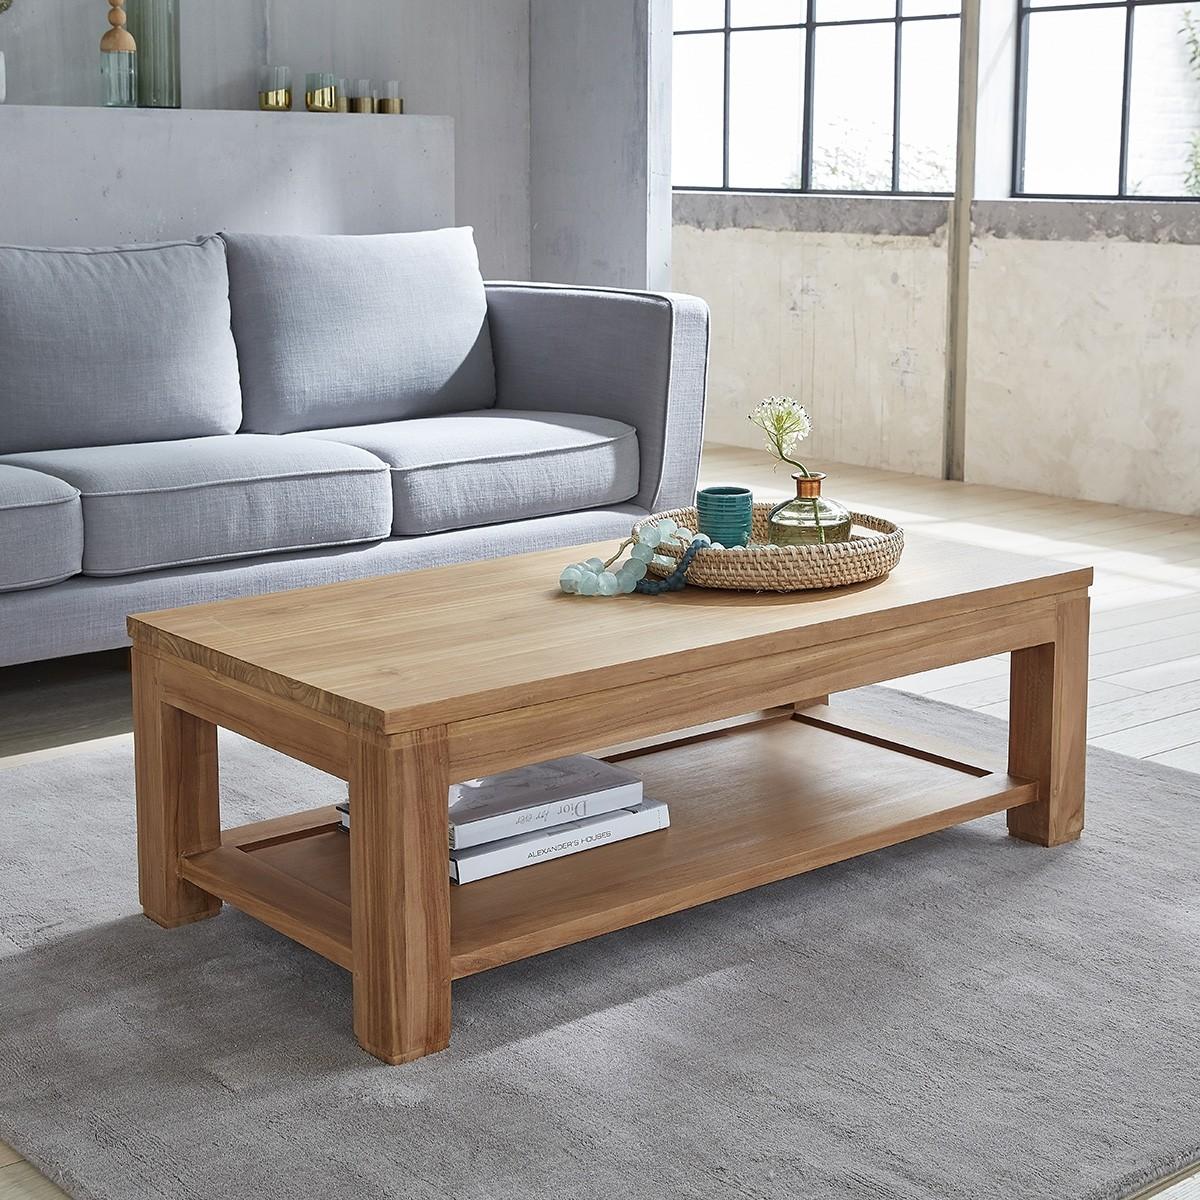 Table basse rectangulaire en teck brut 120 boston bois - Table basse en teck ...